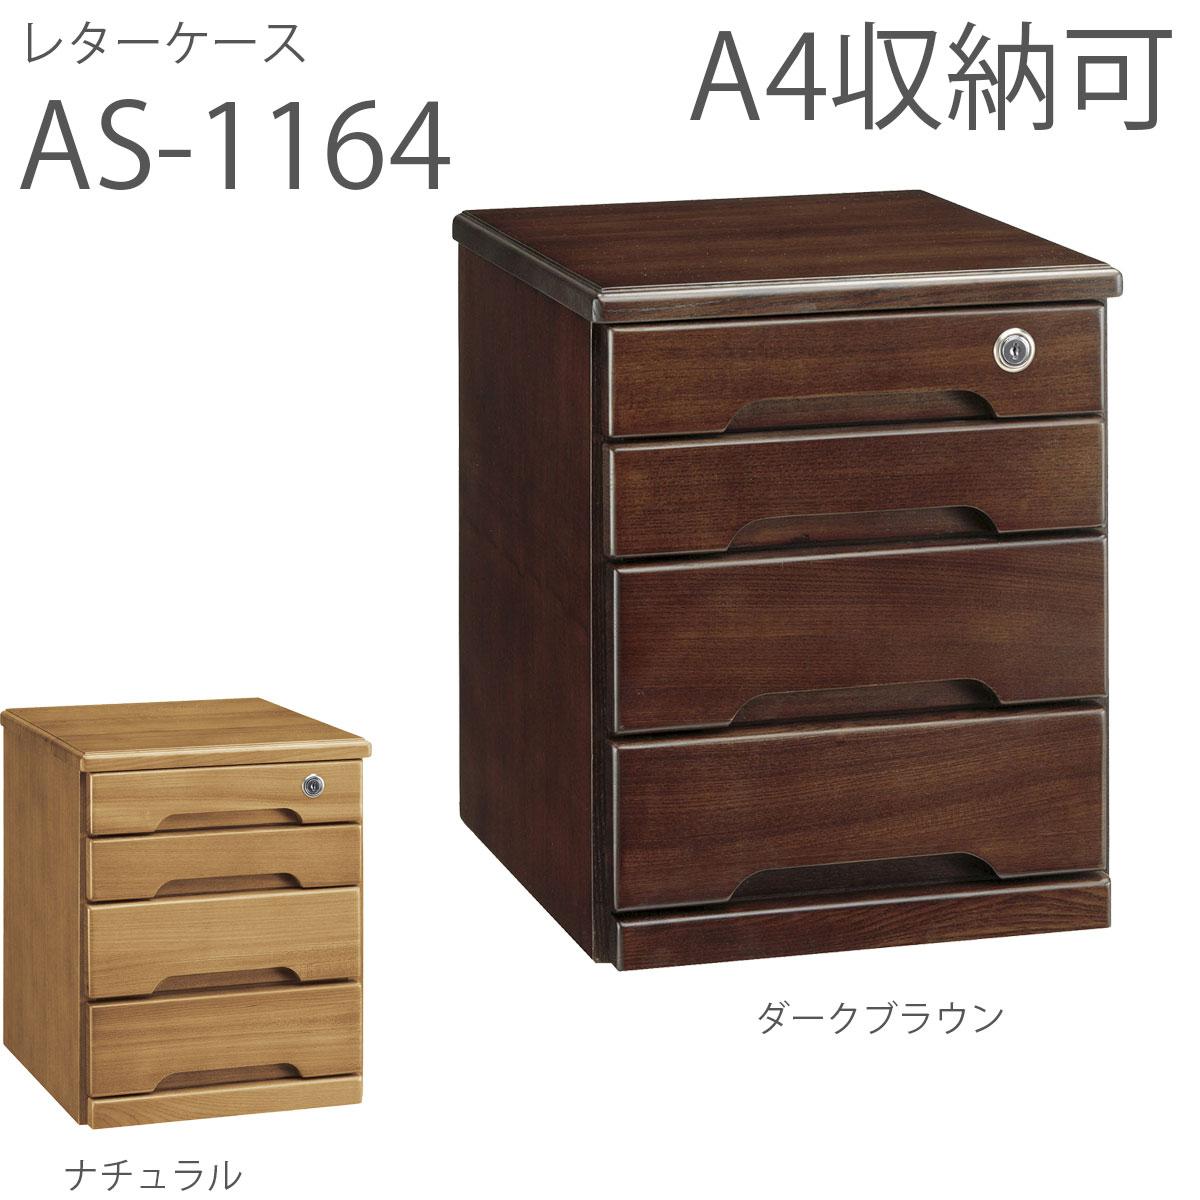 曙工芸製作所 レターケース A4収納 整理箱 ナチュラル ダークブラウン AS-1164LO AS-1164DO